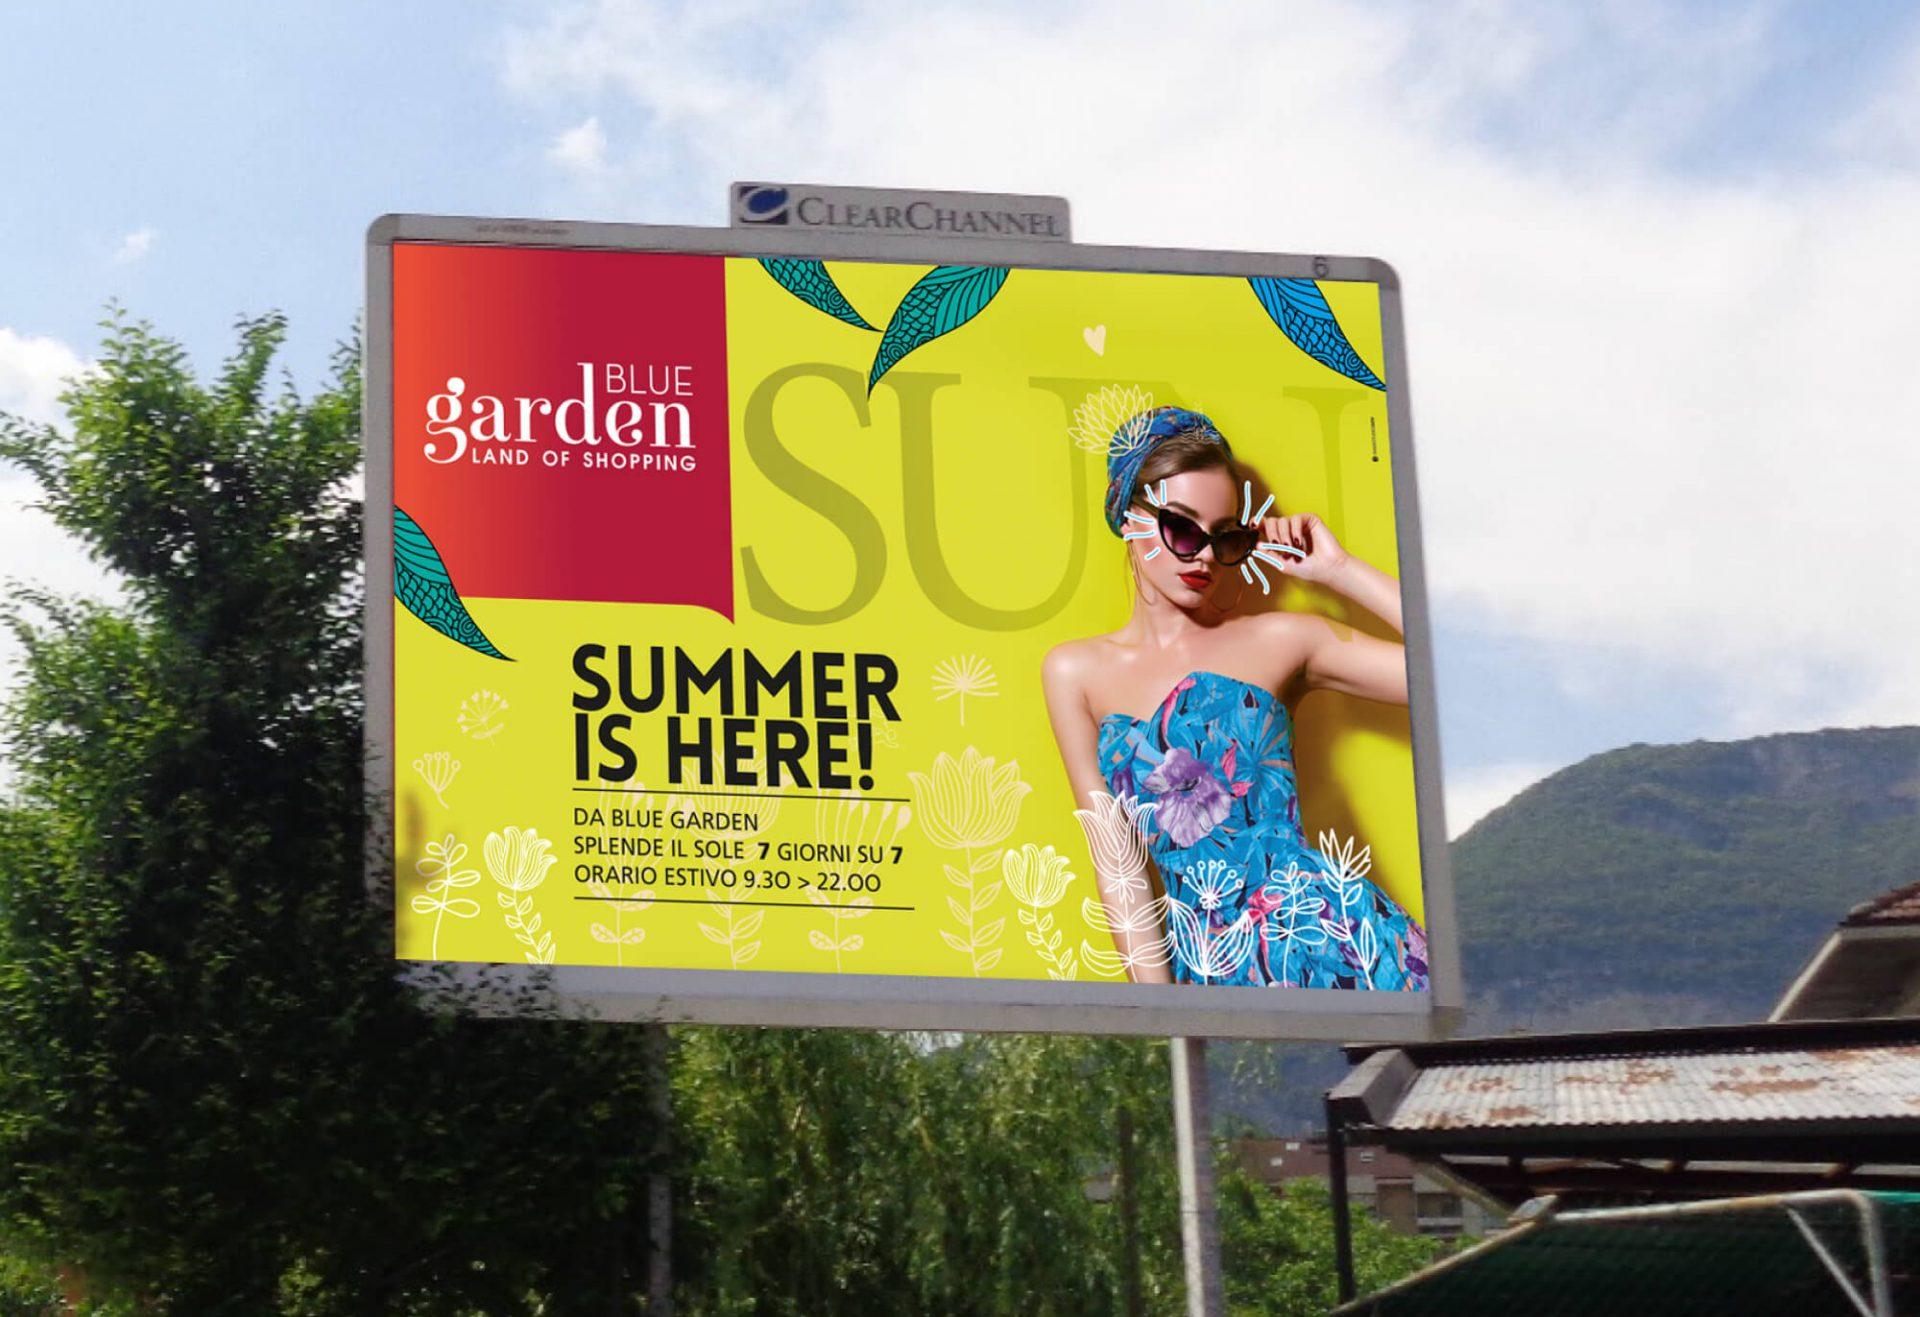 maxiposter per la campagna estiva centro commerciale blue garden riva del garda, progettato dalla agenzia di pubblicità diadestudio arco di trento